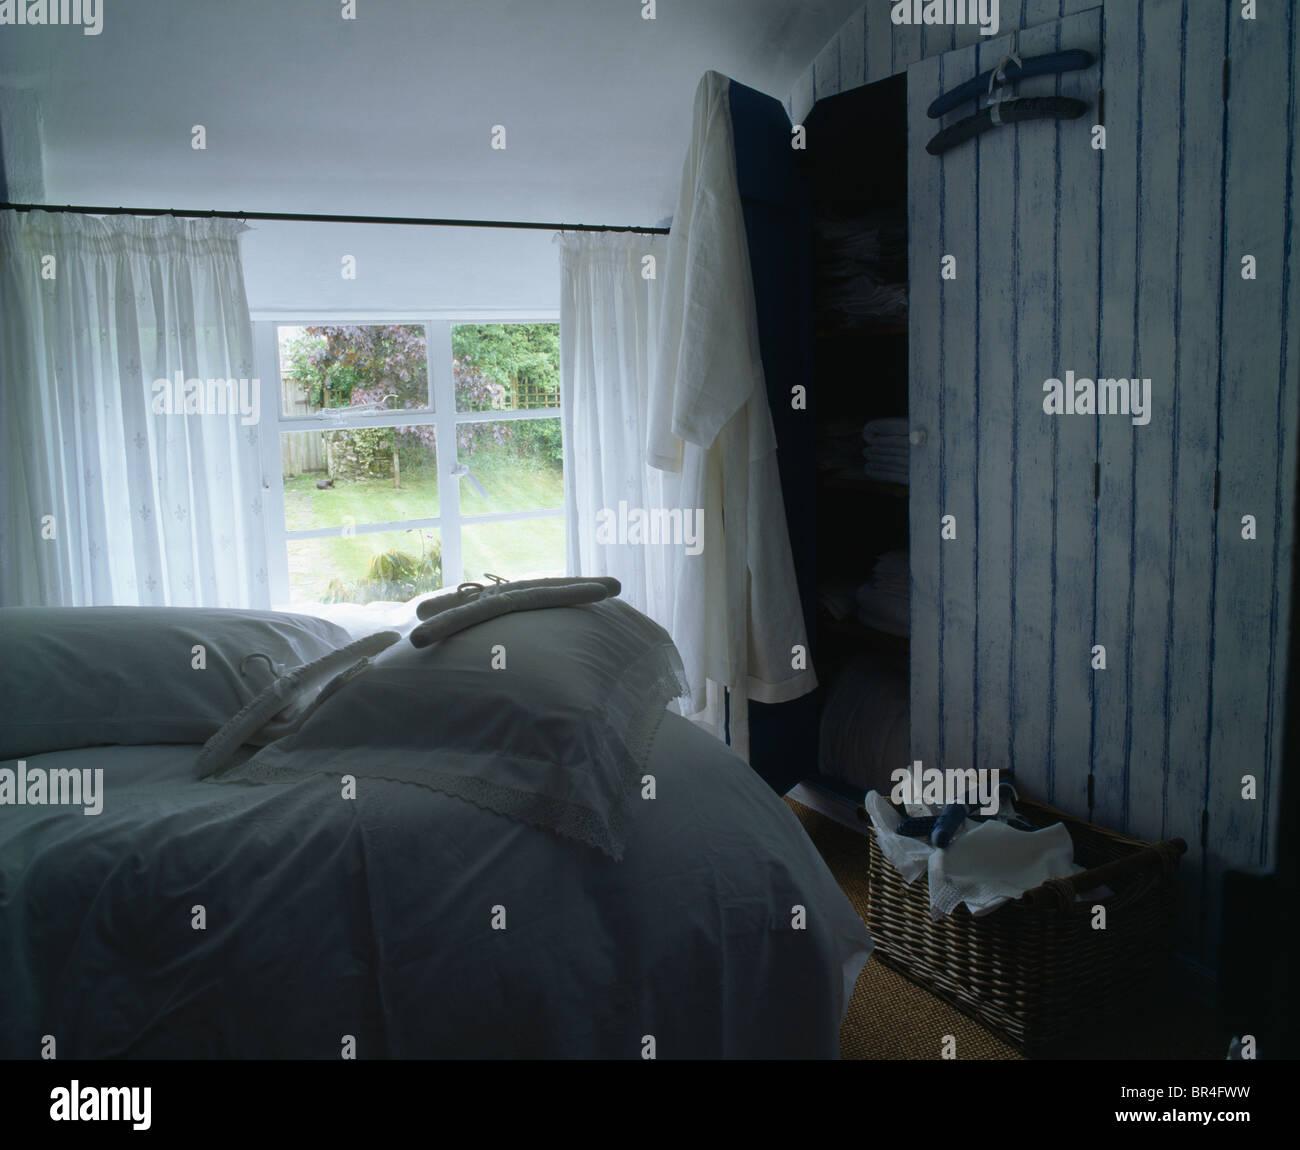 Weissen Voile Vorhange Am Fenster Im Ferienhaus Schlafzimmer Mit